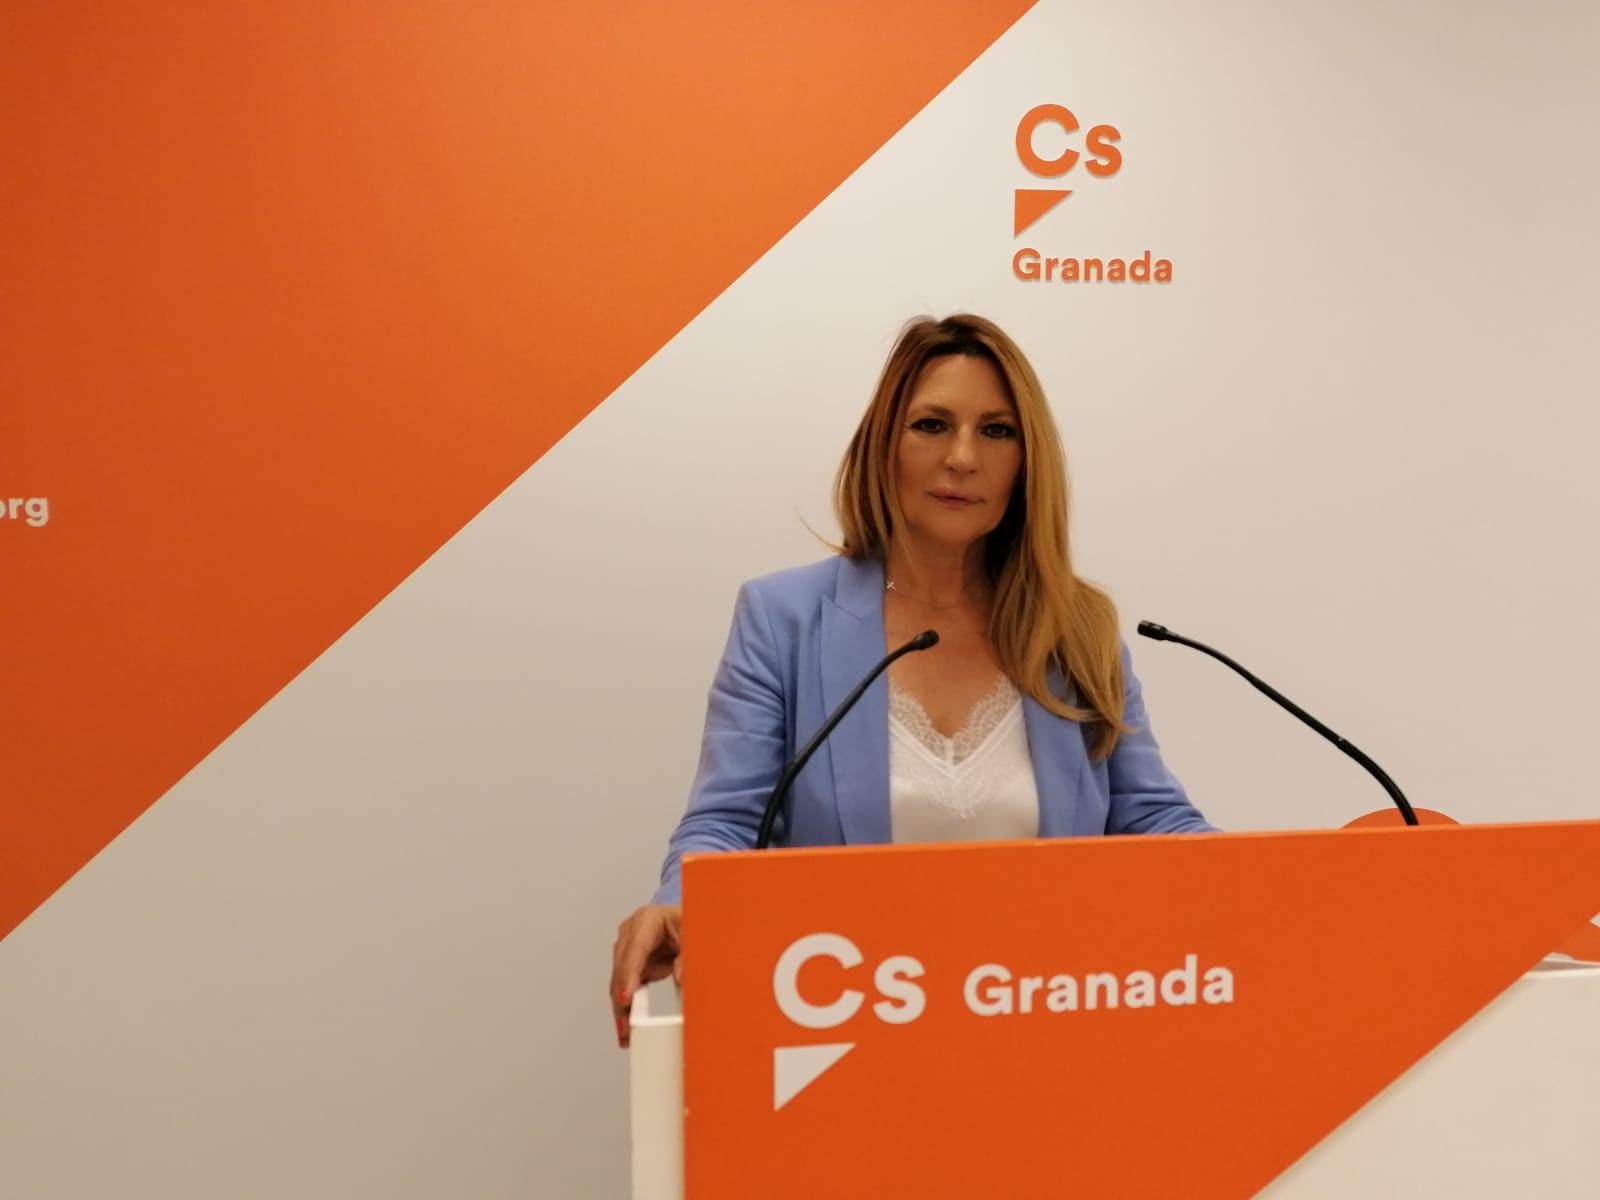 Cs considera un récord histórico la incorporación de 2.000 nuevos beneficiarios de Granada al sistema de atención a la Dependencia